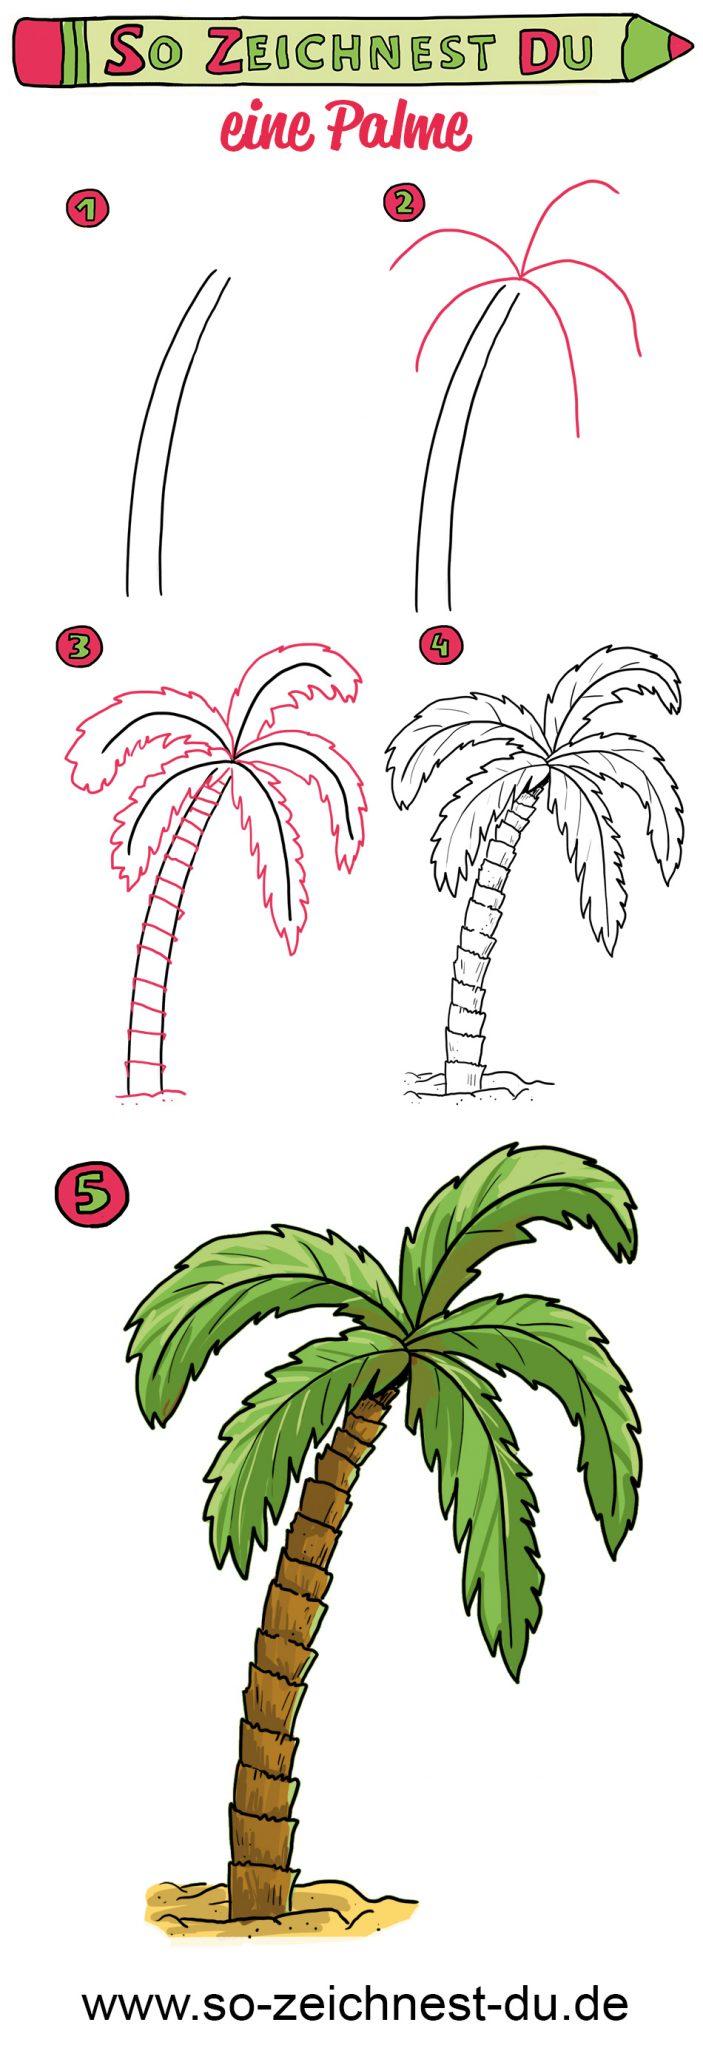 So zeichnest du eine Palme Zeichenschule